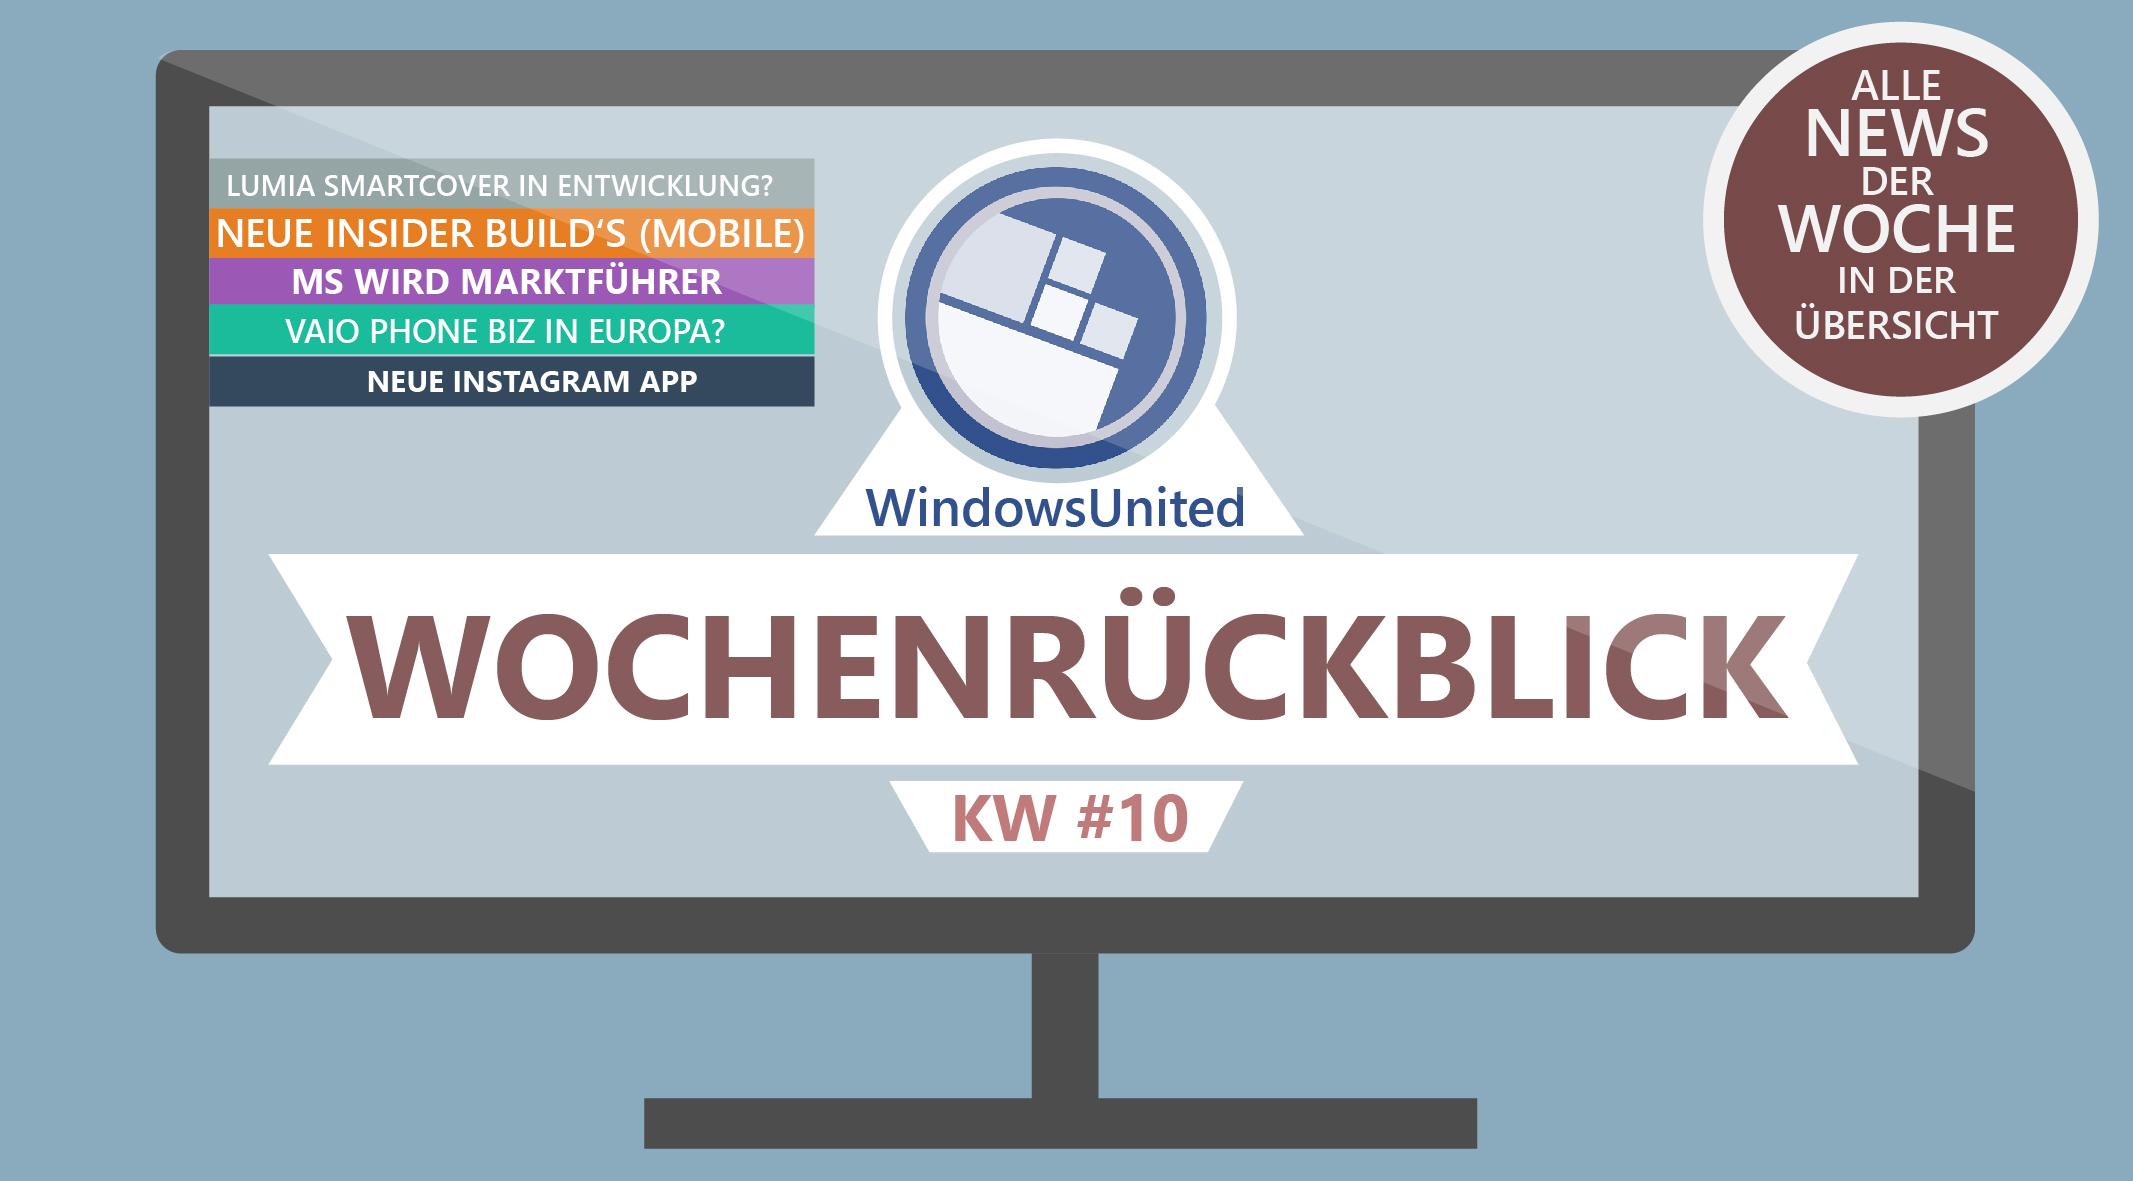 wochenrückblick_kw10